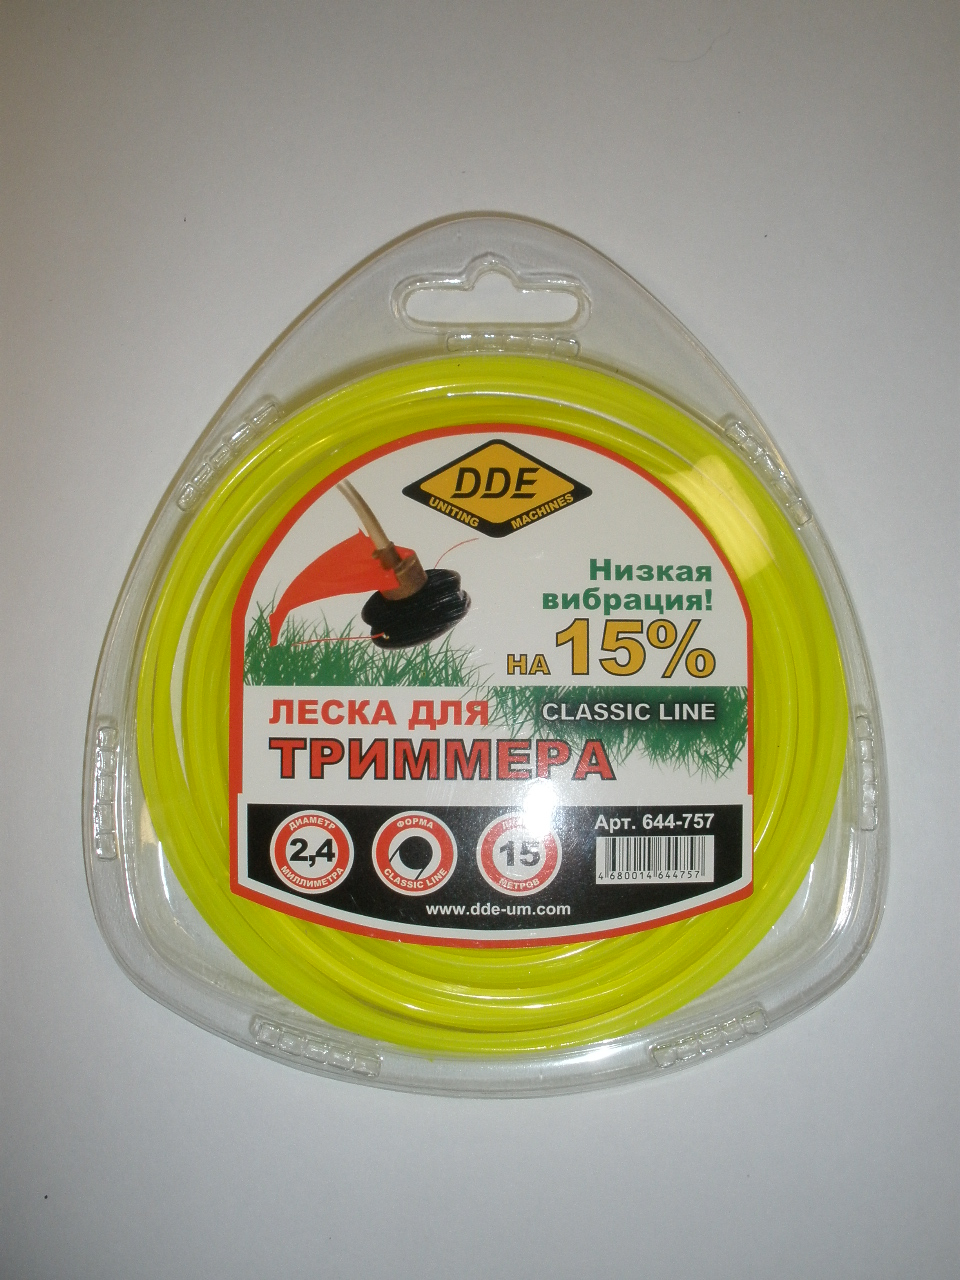 Леска (корд)  2,4 мм х 15 м, Classic line, сечение-круг, цвет-желтый, DDE